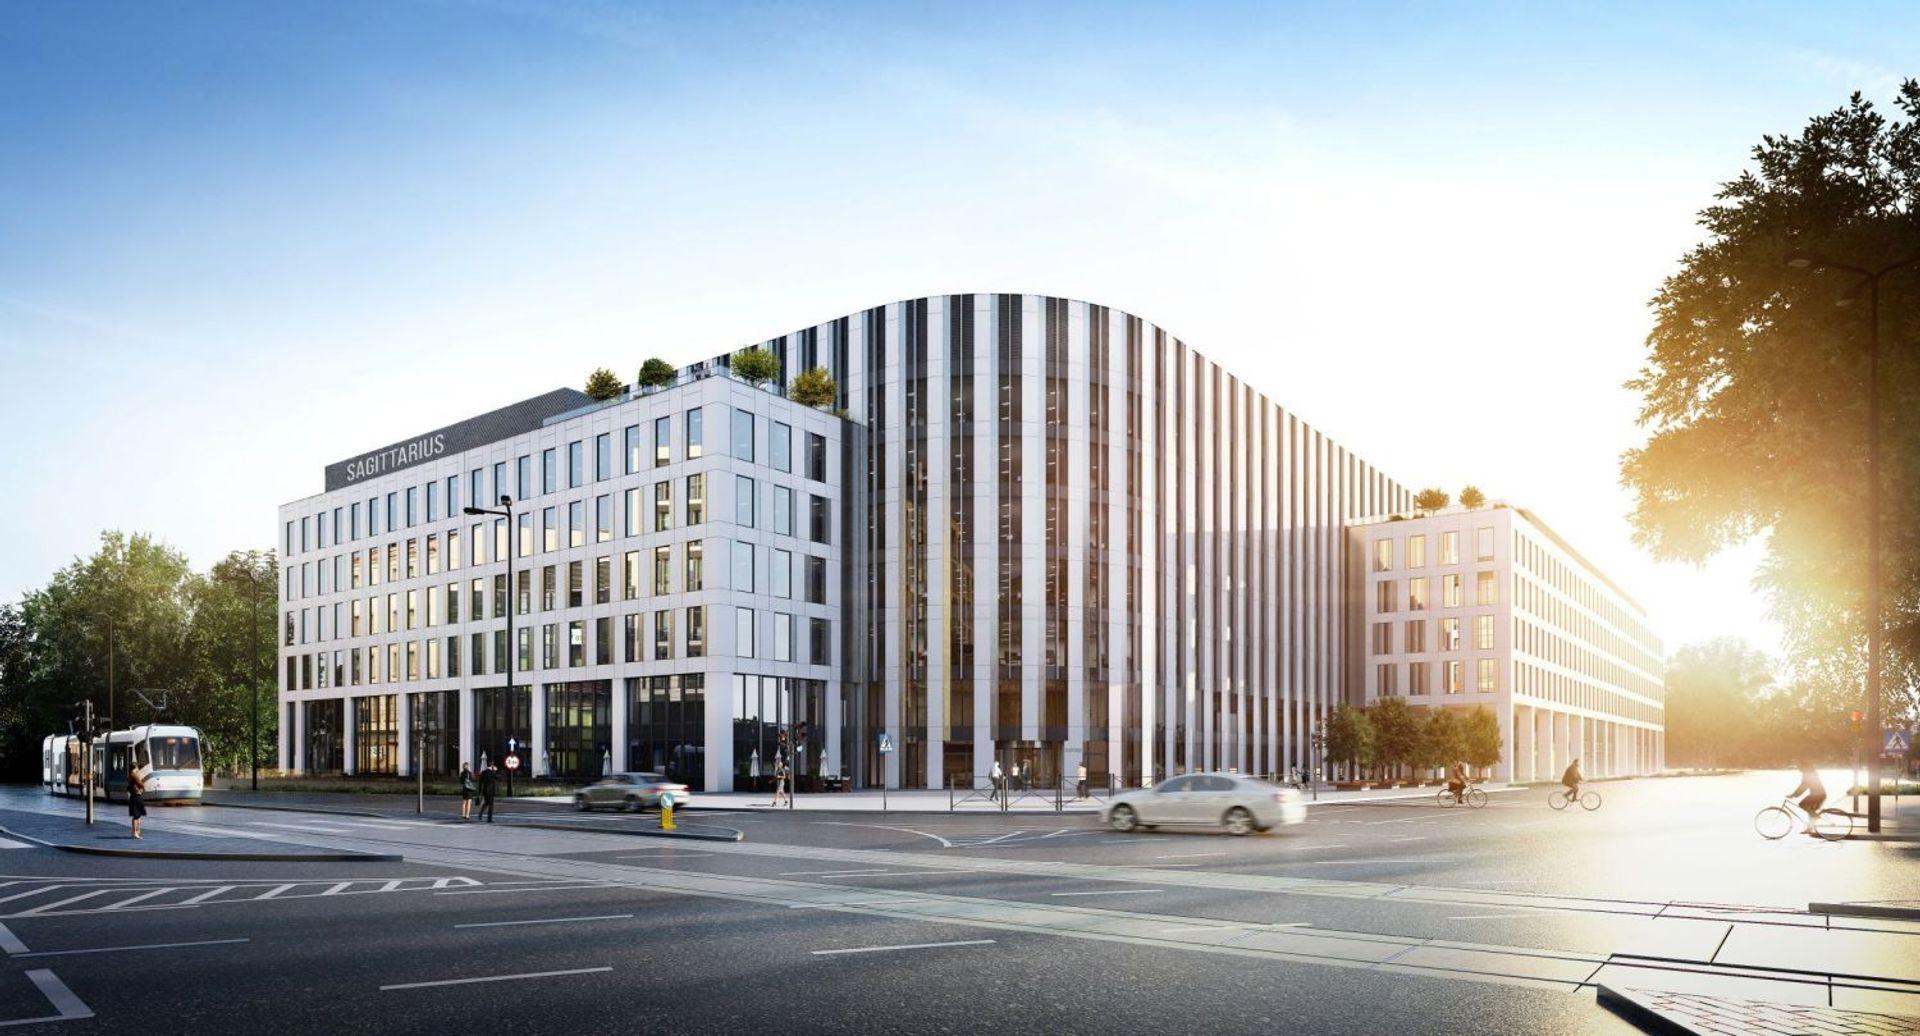 [Wrocław] Centrum Usług Wspólnych EY wynajmuje biura w Sagittariusie